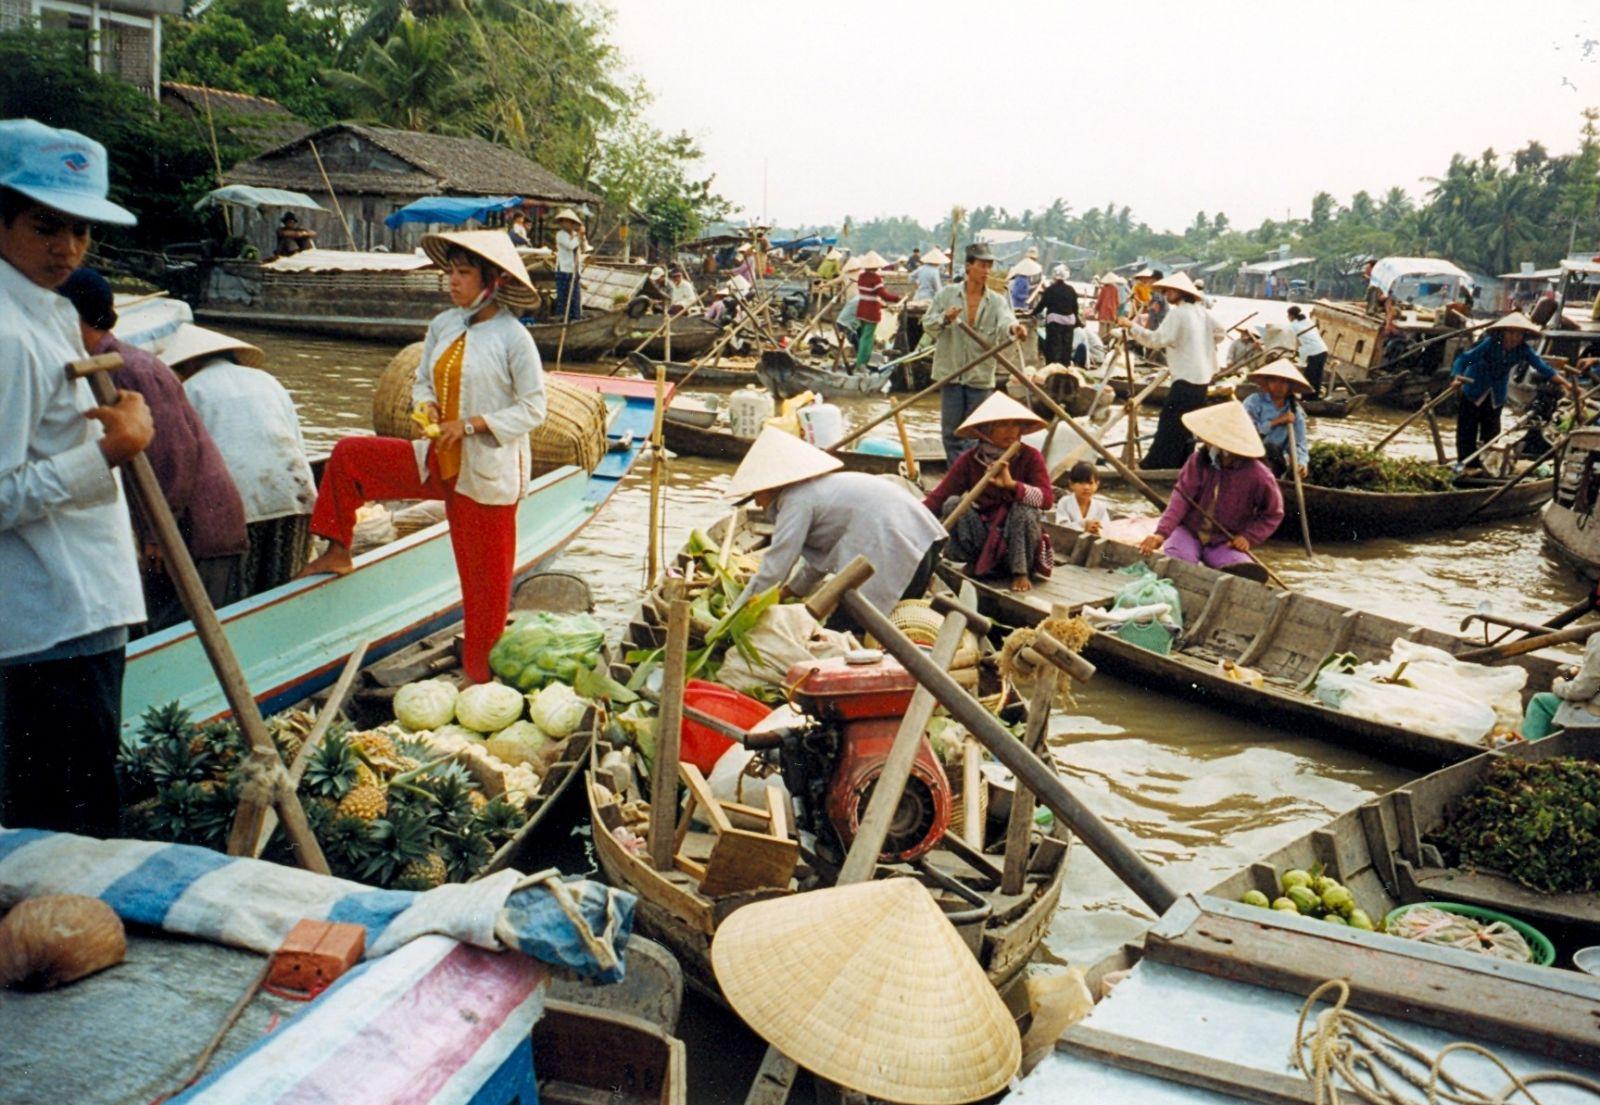 bezienswaardigheden thailand, highlights thailand, rondreis thailand, thailand rondreizen, steden thailand,